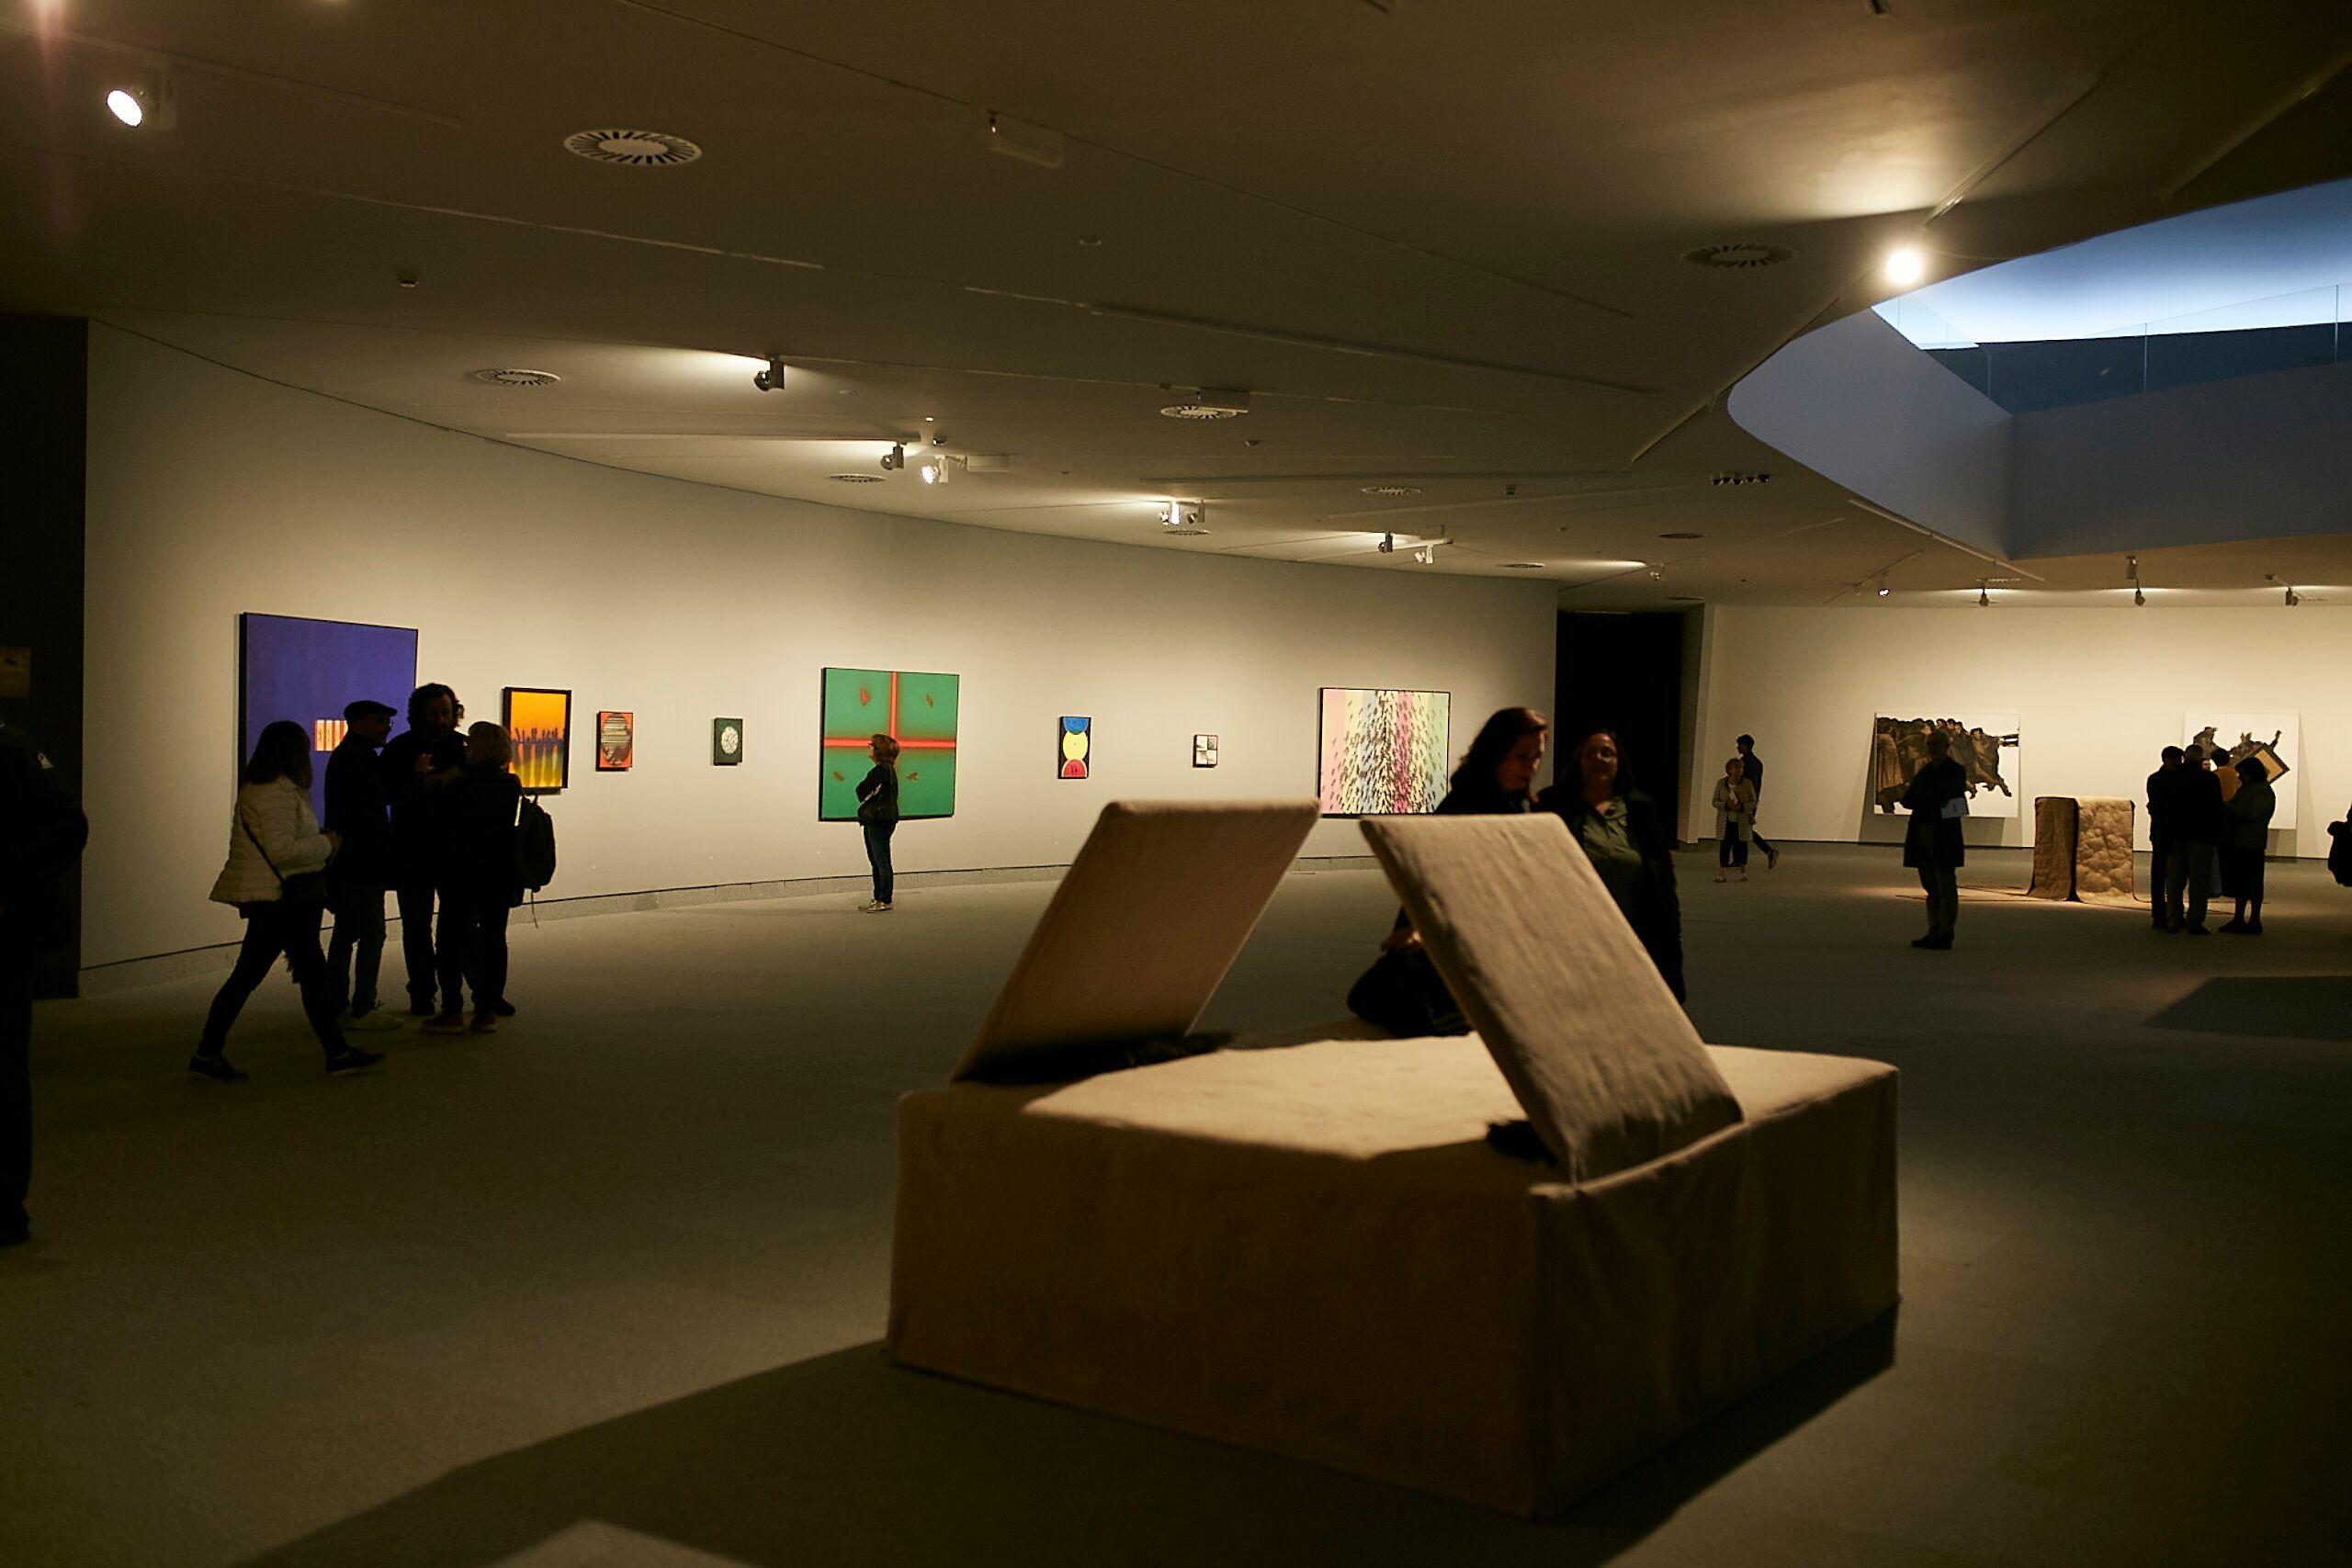 La familia Genovés expone en el Centro Niemeyer de Avilés